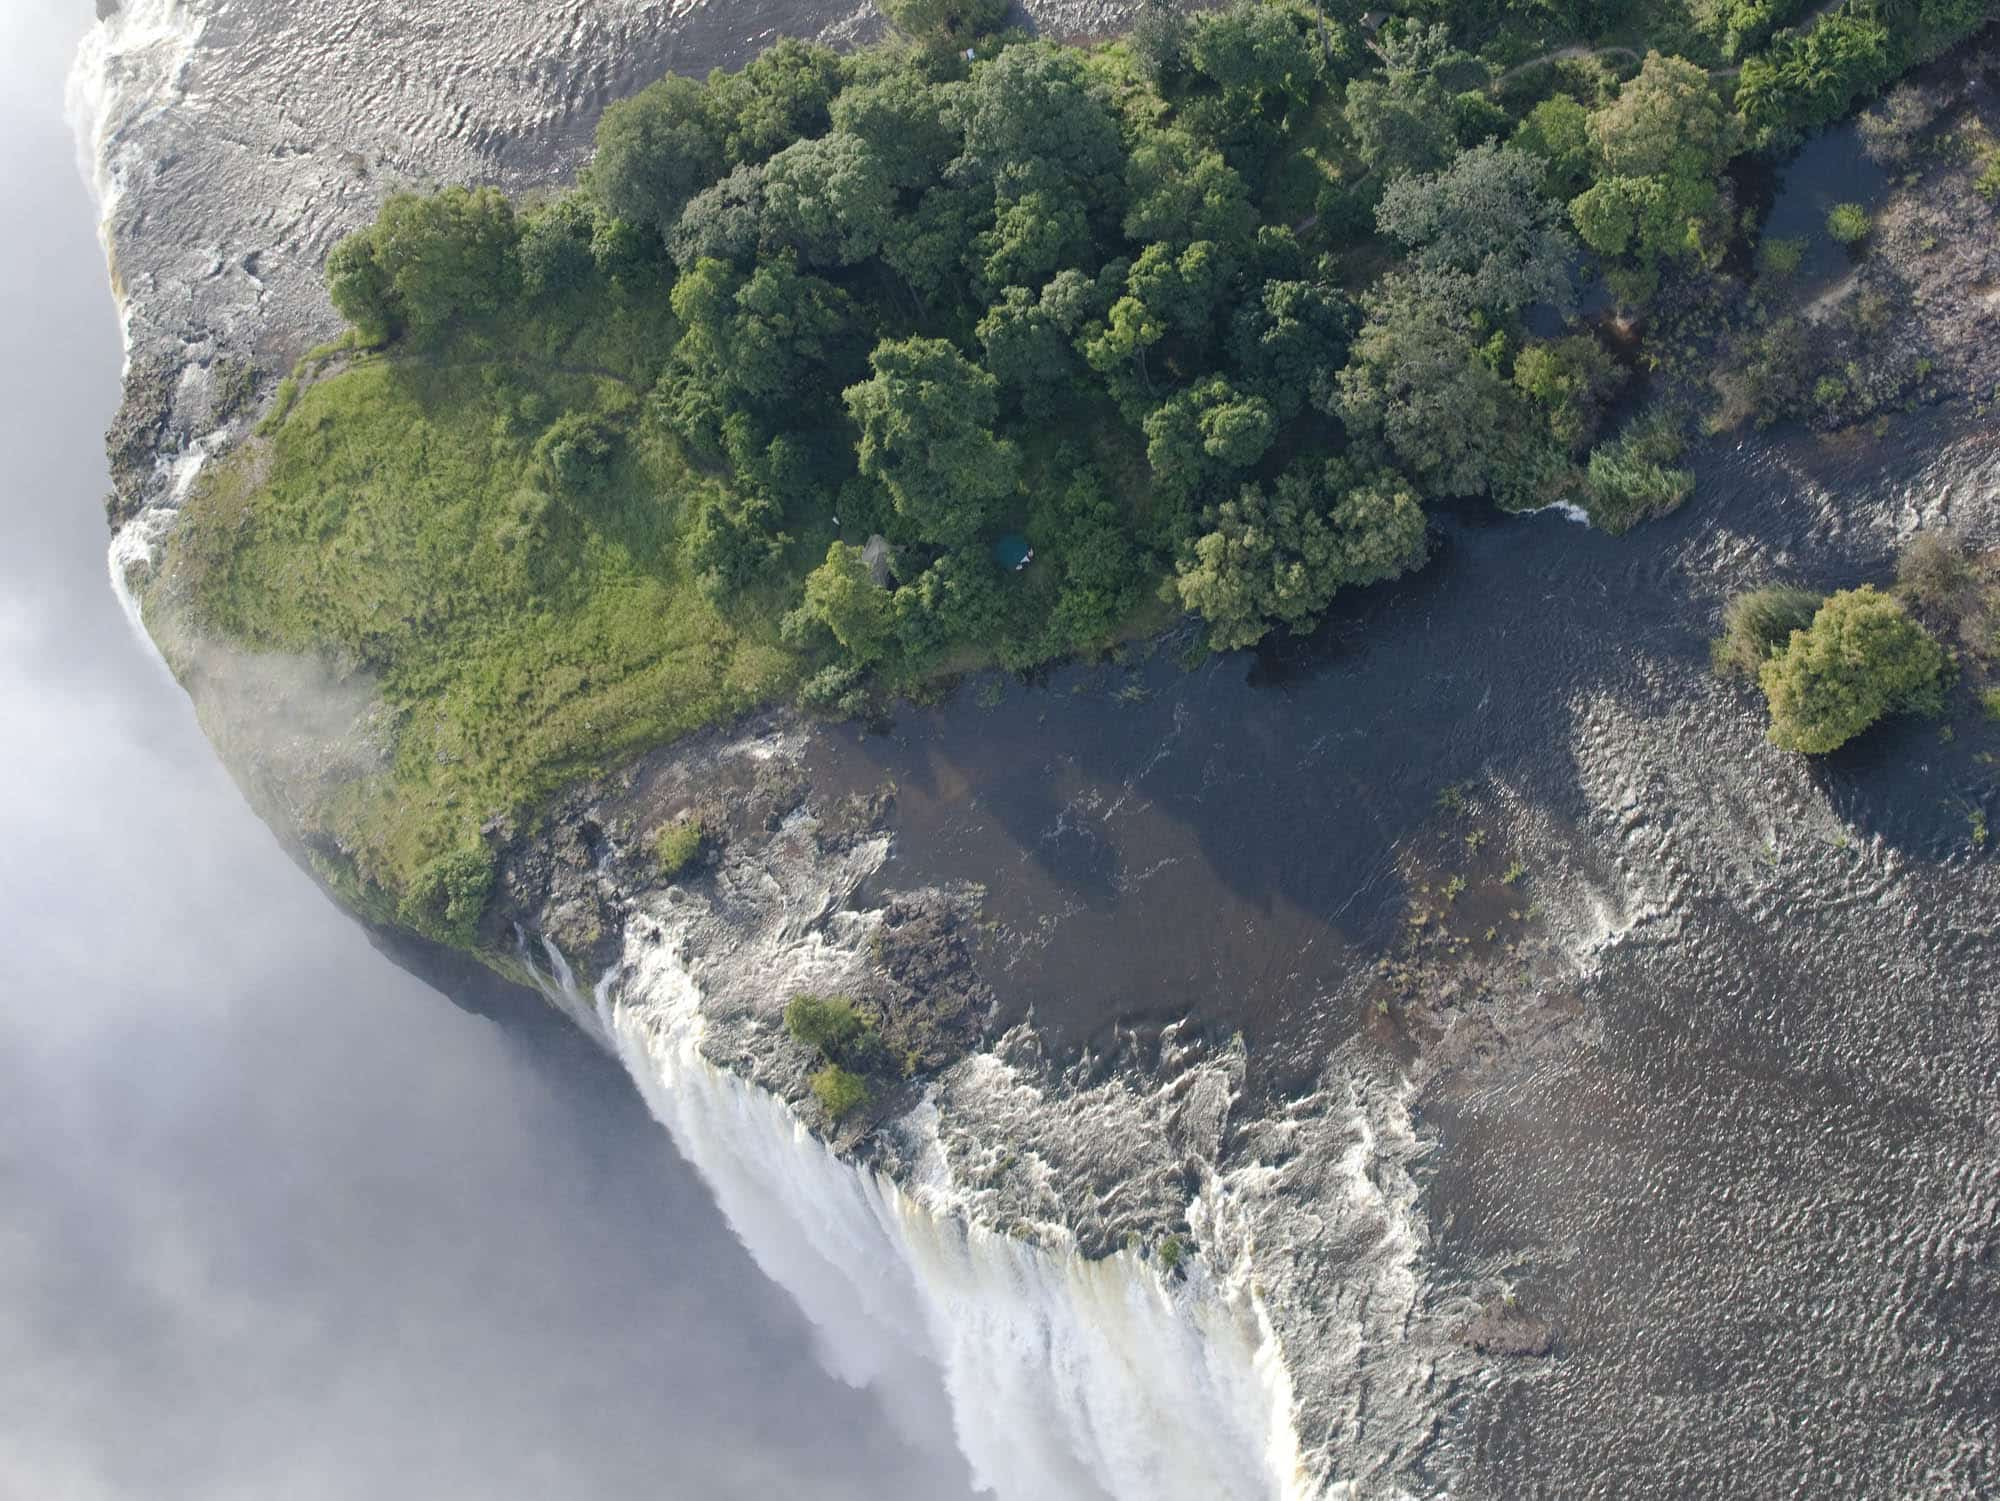 Livingstone Island at Victoria Falls, Zambia